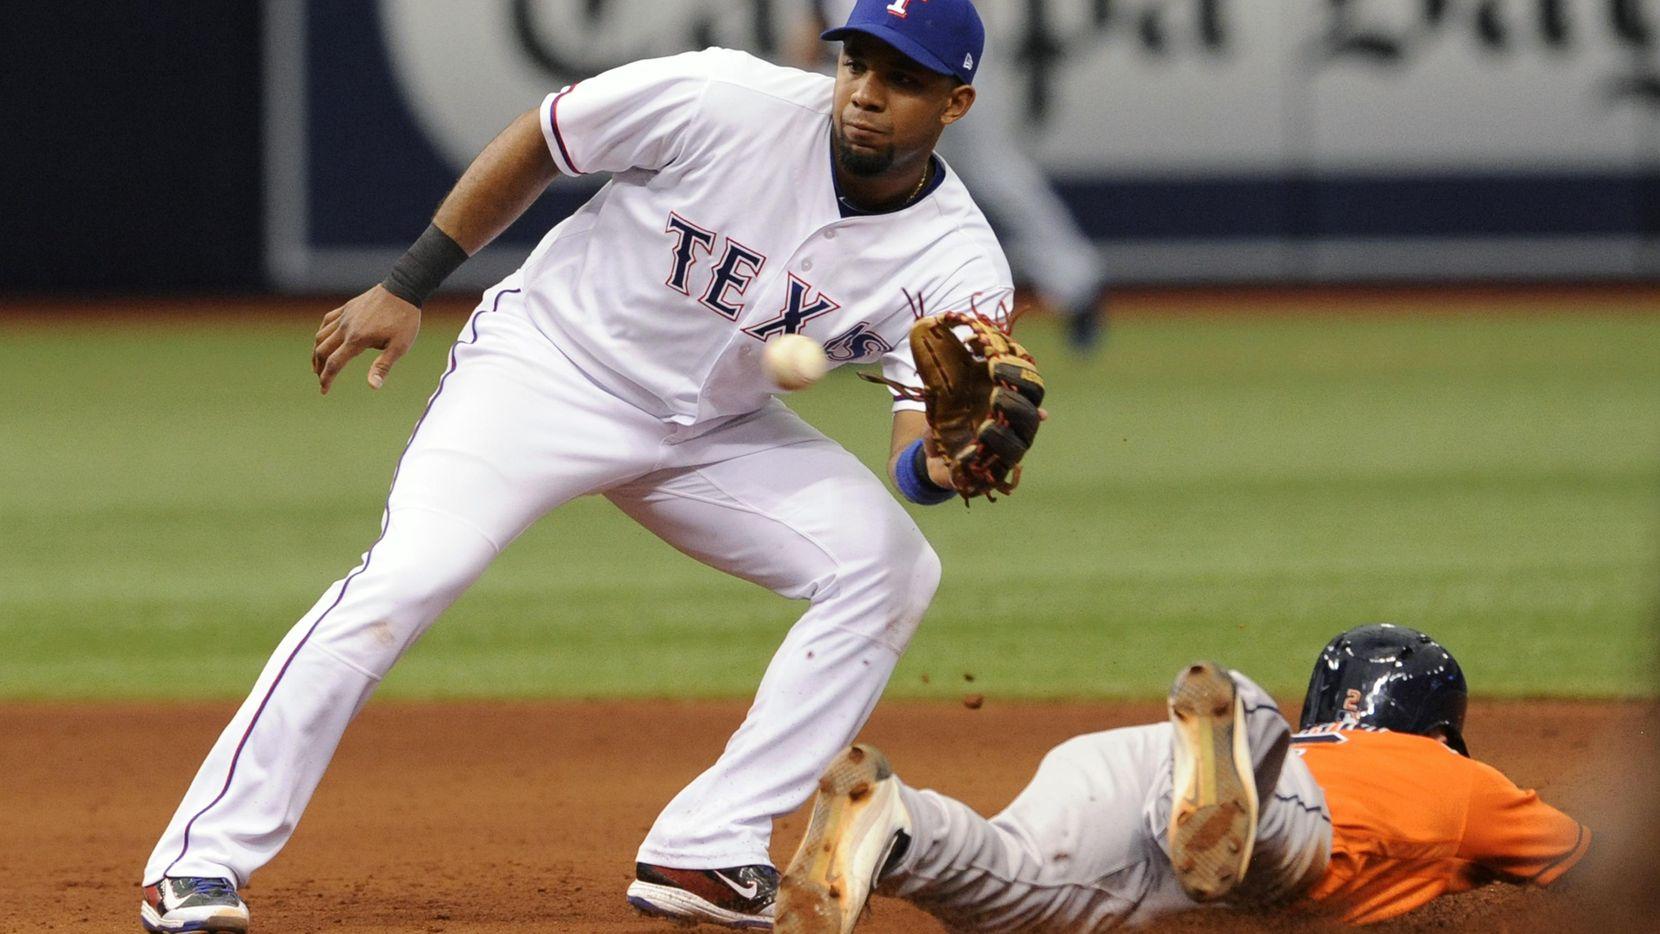 El paracorto Elvis Andrus y los Rangers están terceros en la División Oeste de la Liga Americana. (AP/Steve Nesius)